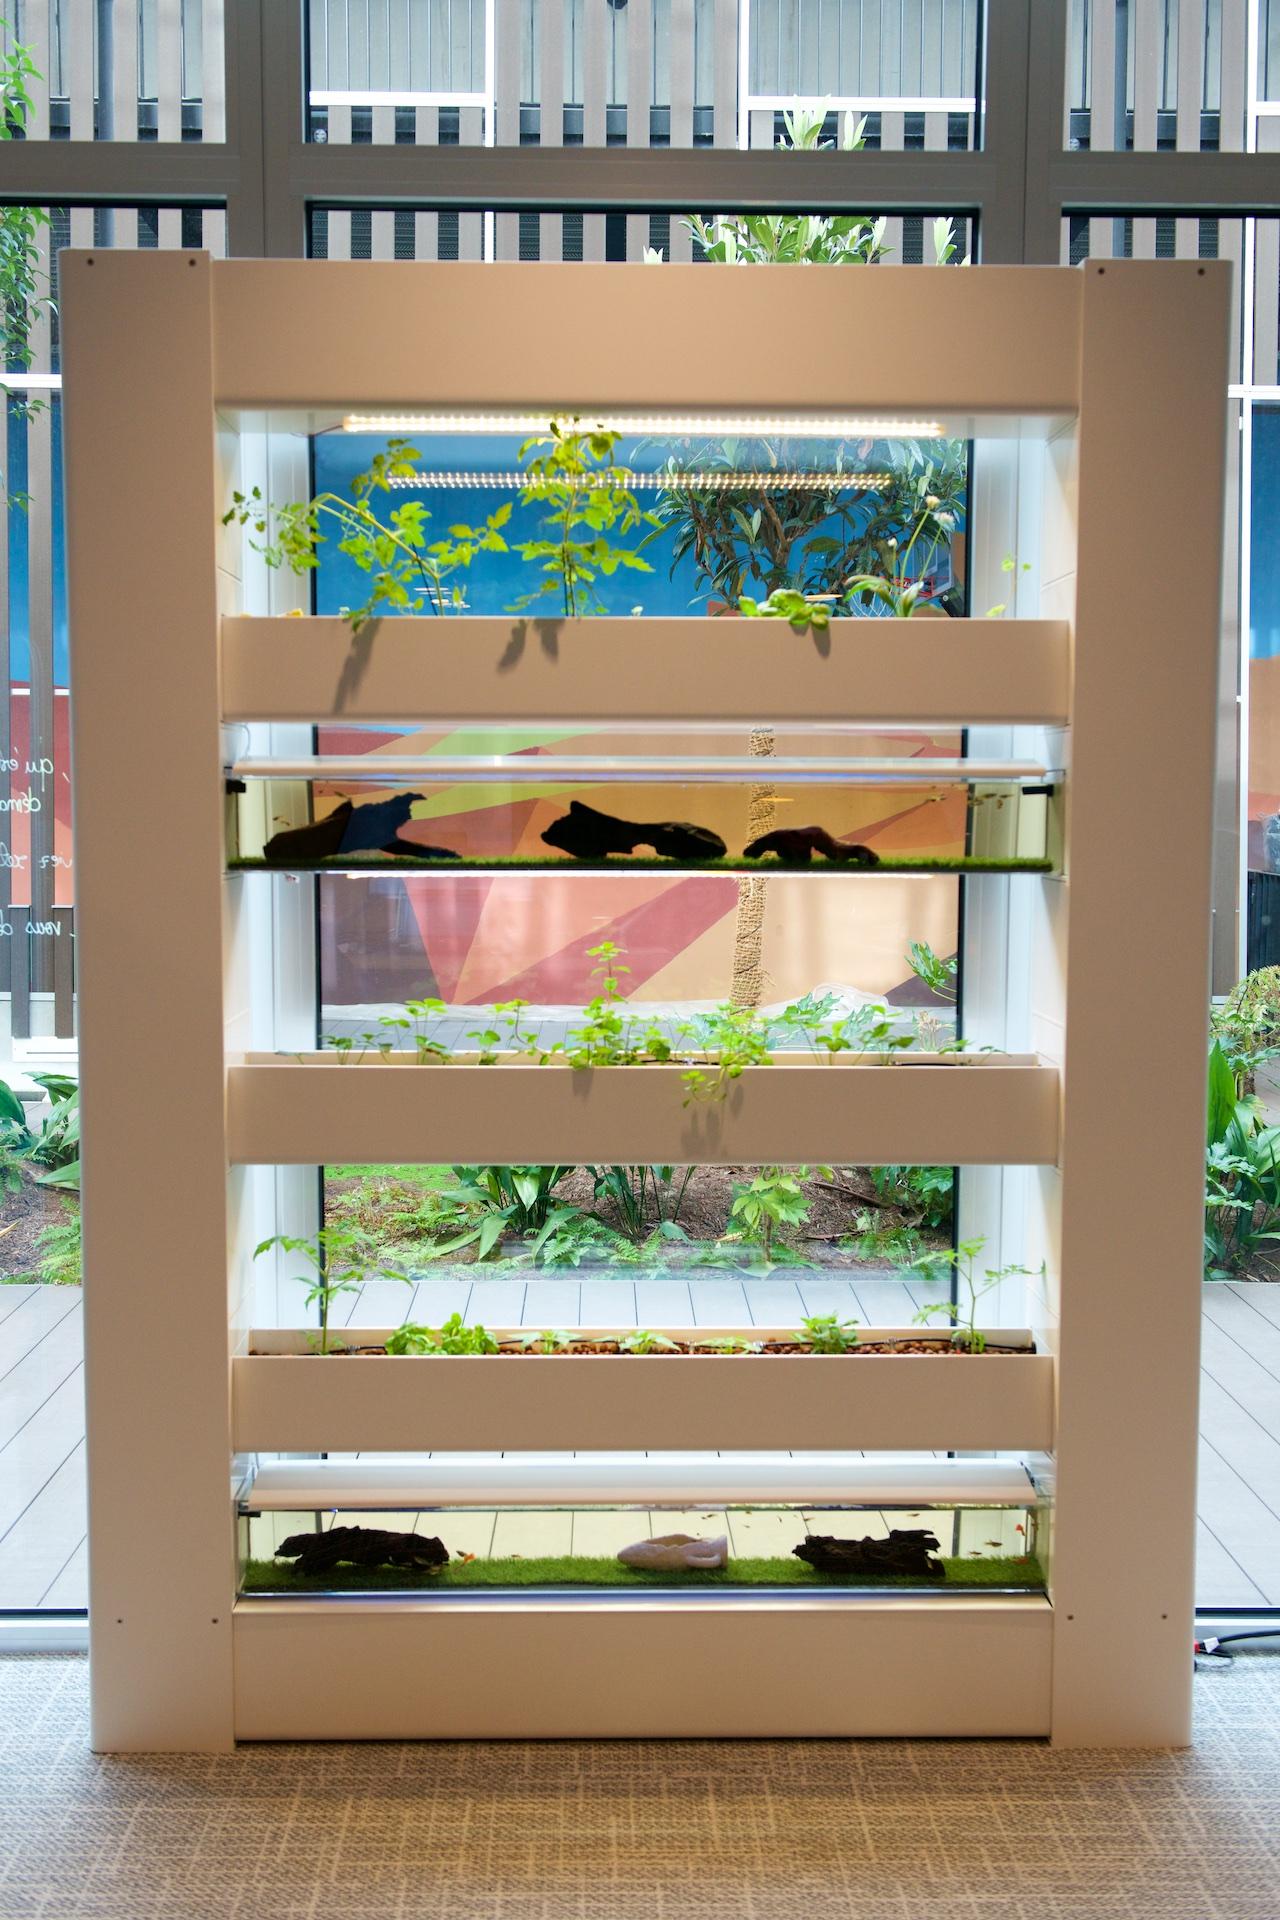 AURA produit - espace de travail - Ecosystème - Poissons - Plantes comestibles - Aquaponie - Agriculture urbaine - Agriculture Indoor - bureaux - qualité de vie au travail - bien-être au travail